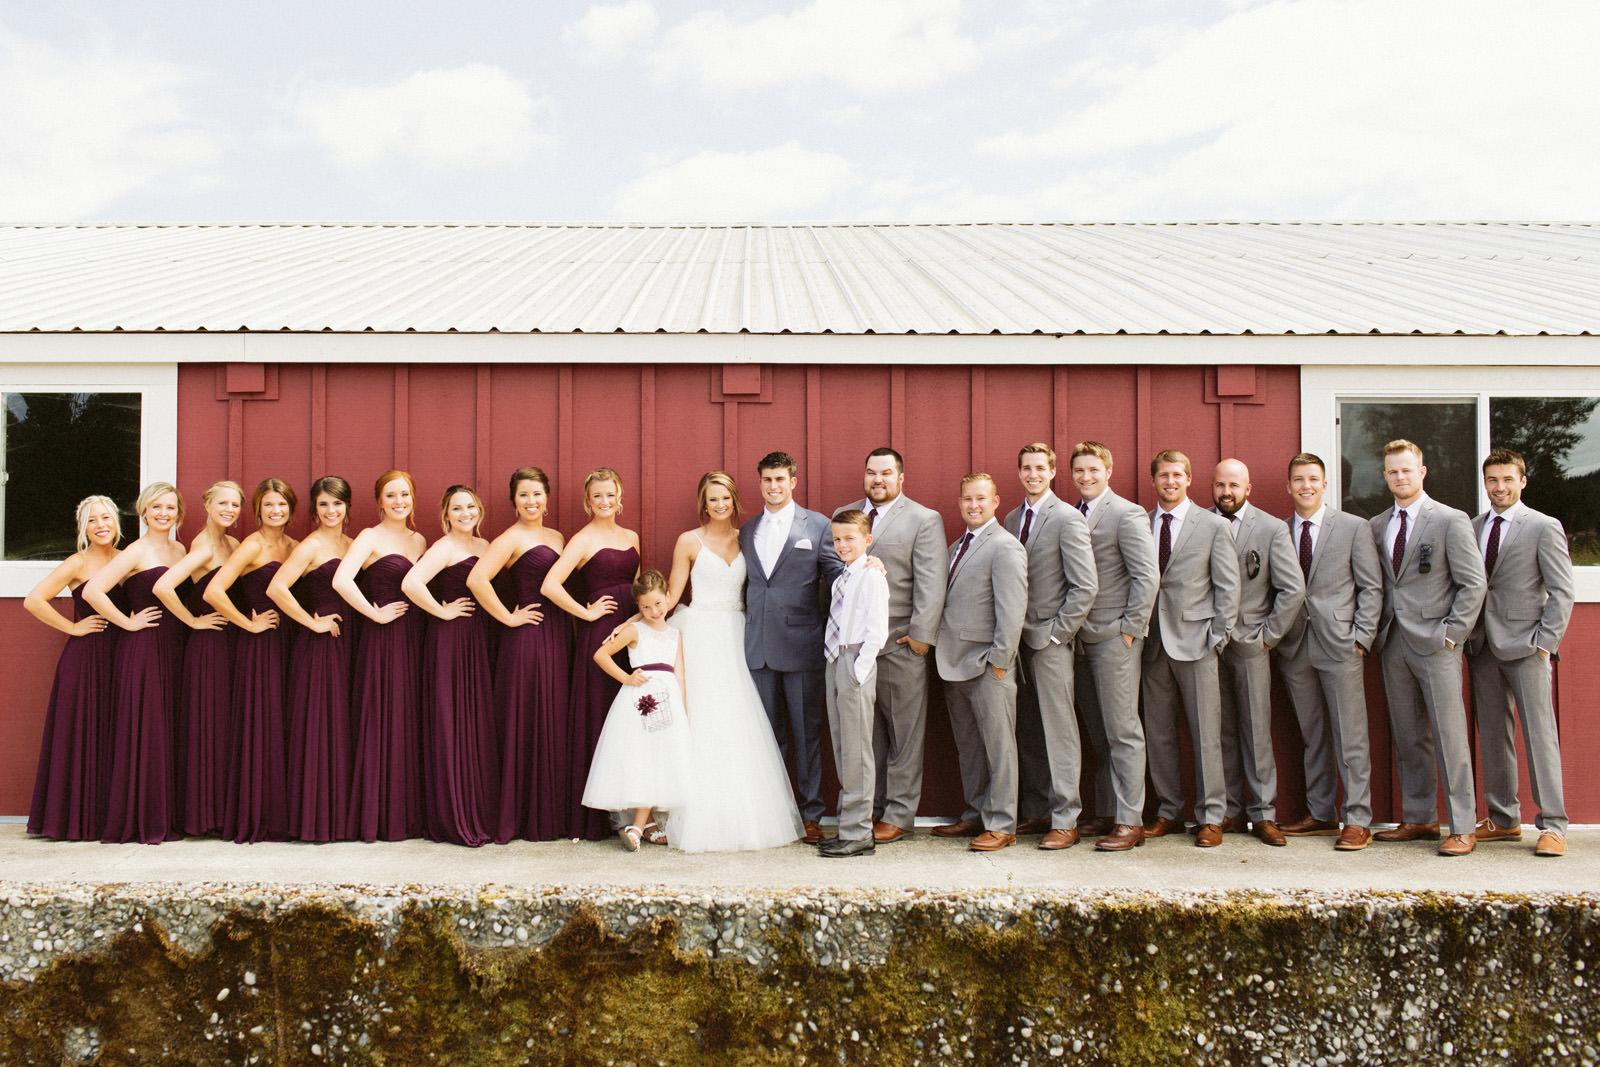 jacobregan-blog-34 SCHILLER FAMILY FARM WEDDING